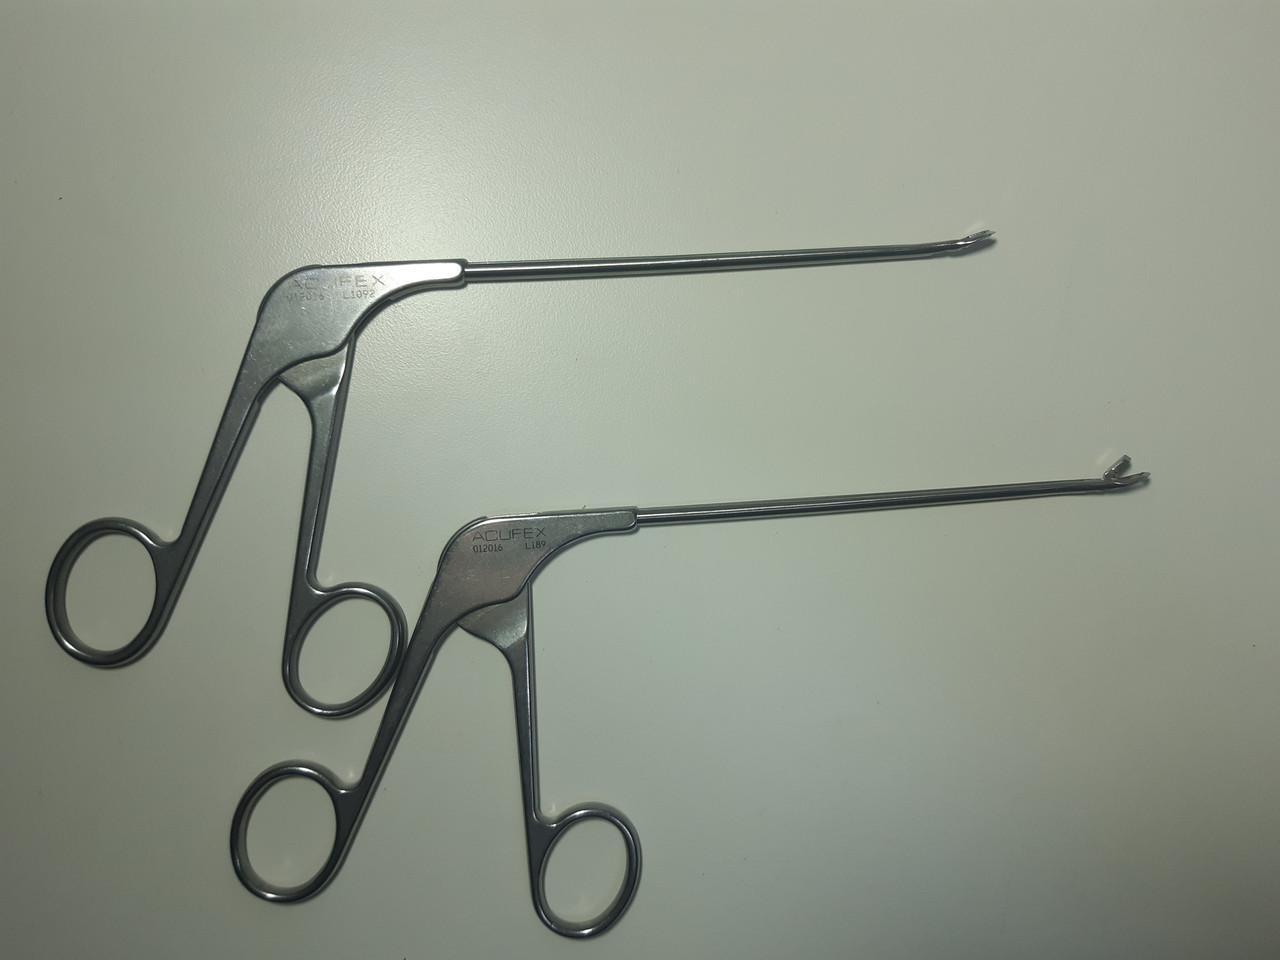 Выкусыватель  хирургический артроскопический изогнутый под углом Acufex